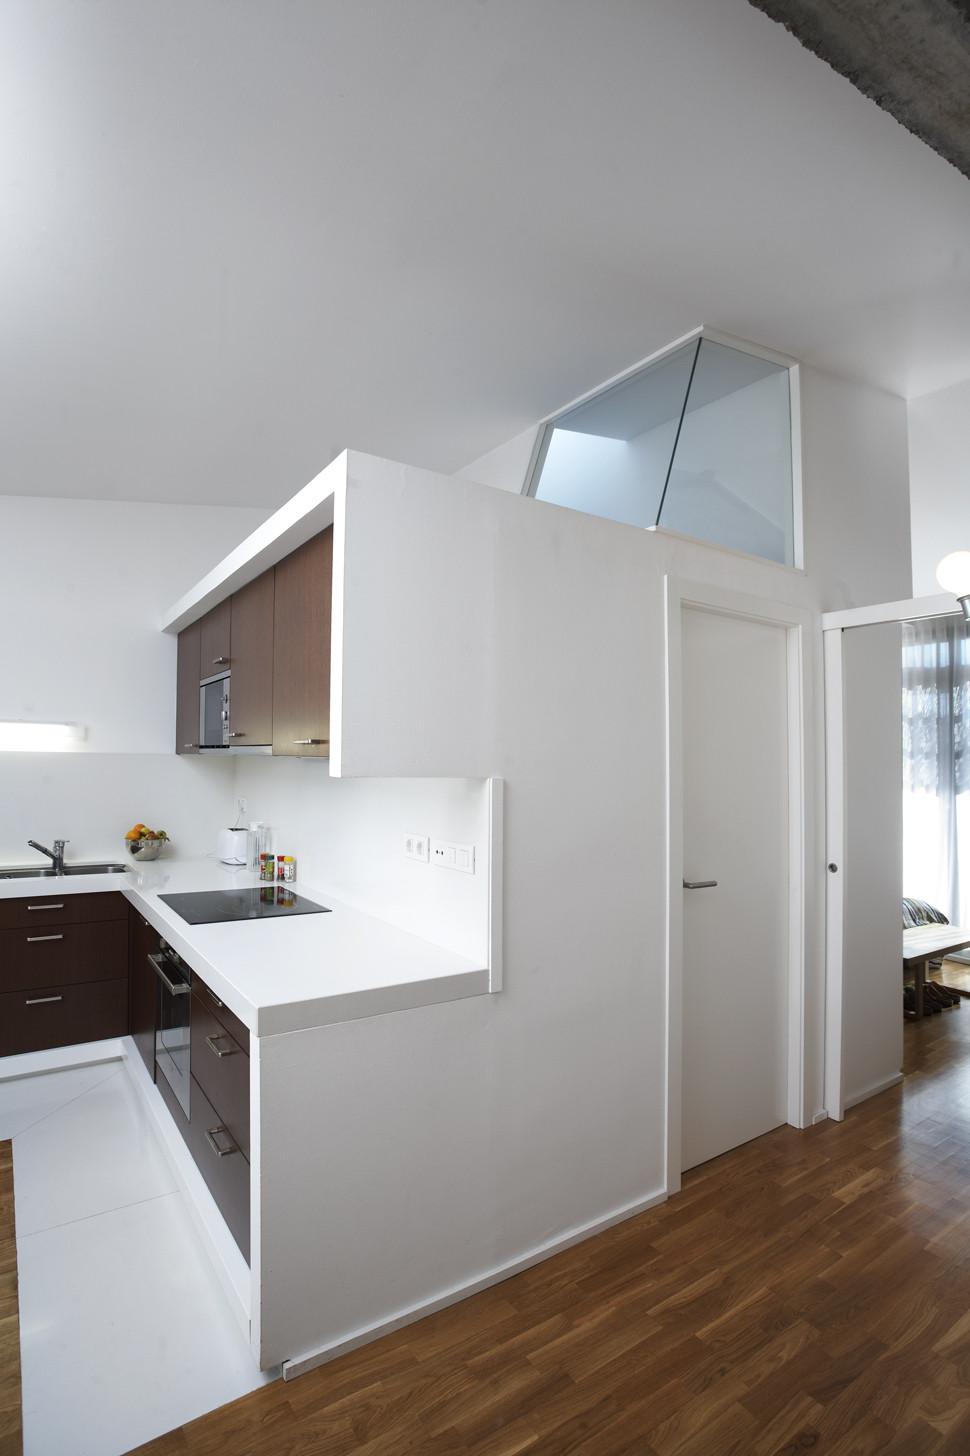 Conversión de un espacio agrícola en vivienda unifamiliar / Sauquet Arquitectes